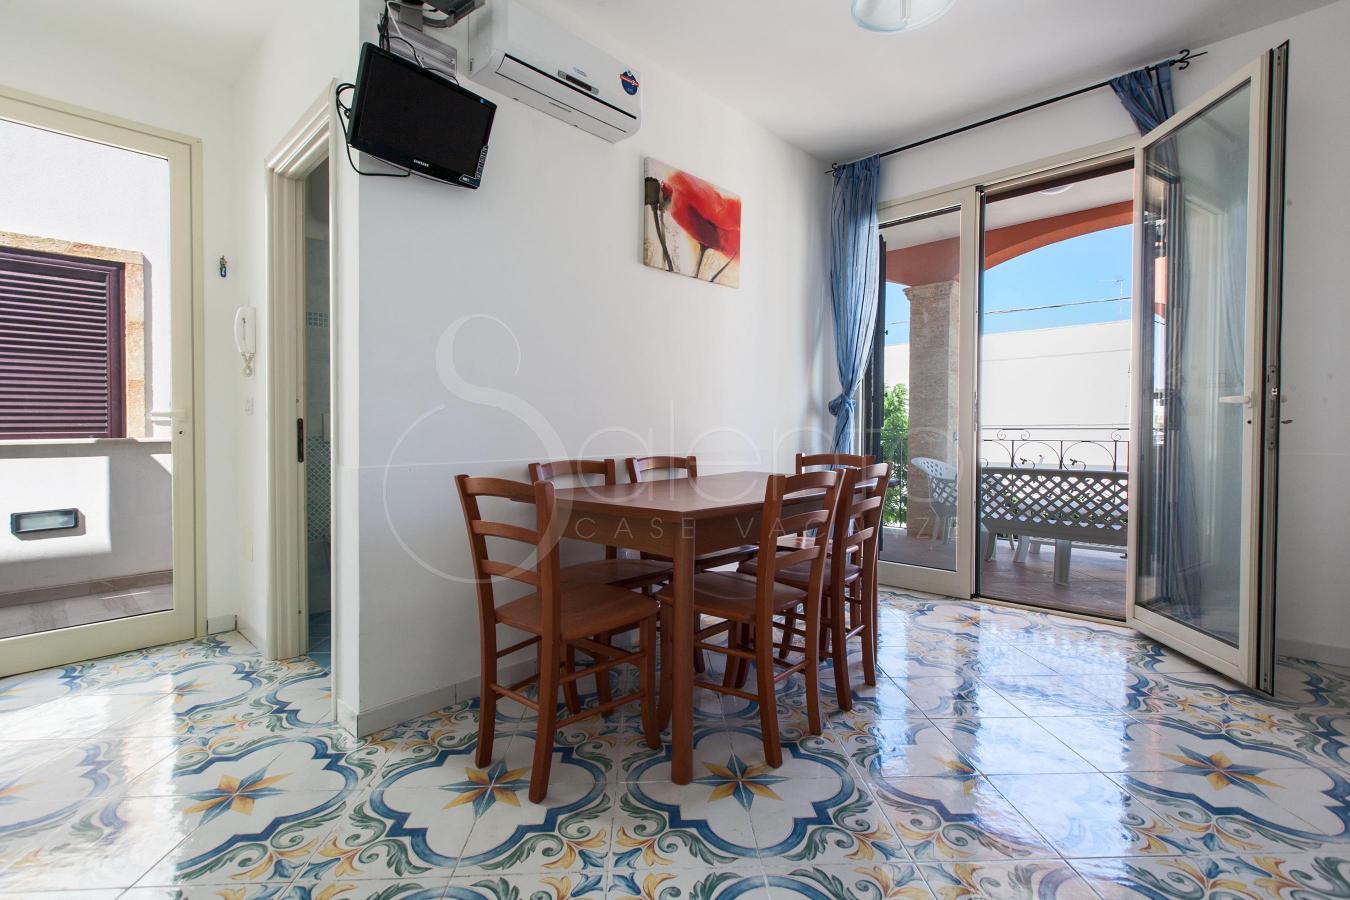 Casa vacanze a pochi metri dalla spiaggia di torre pali for Piccolo piano di pagamento della casa